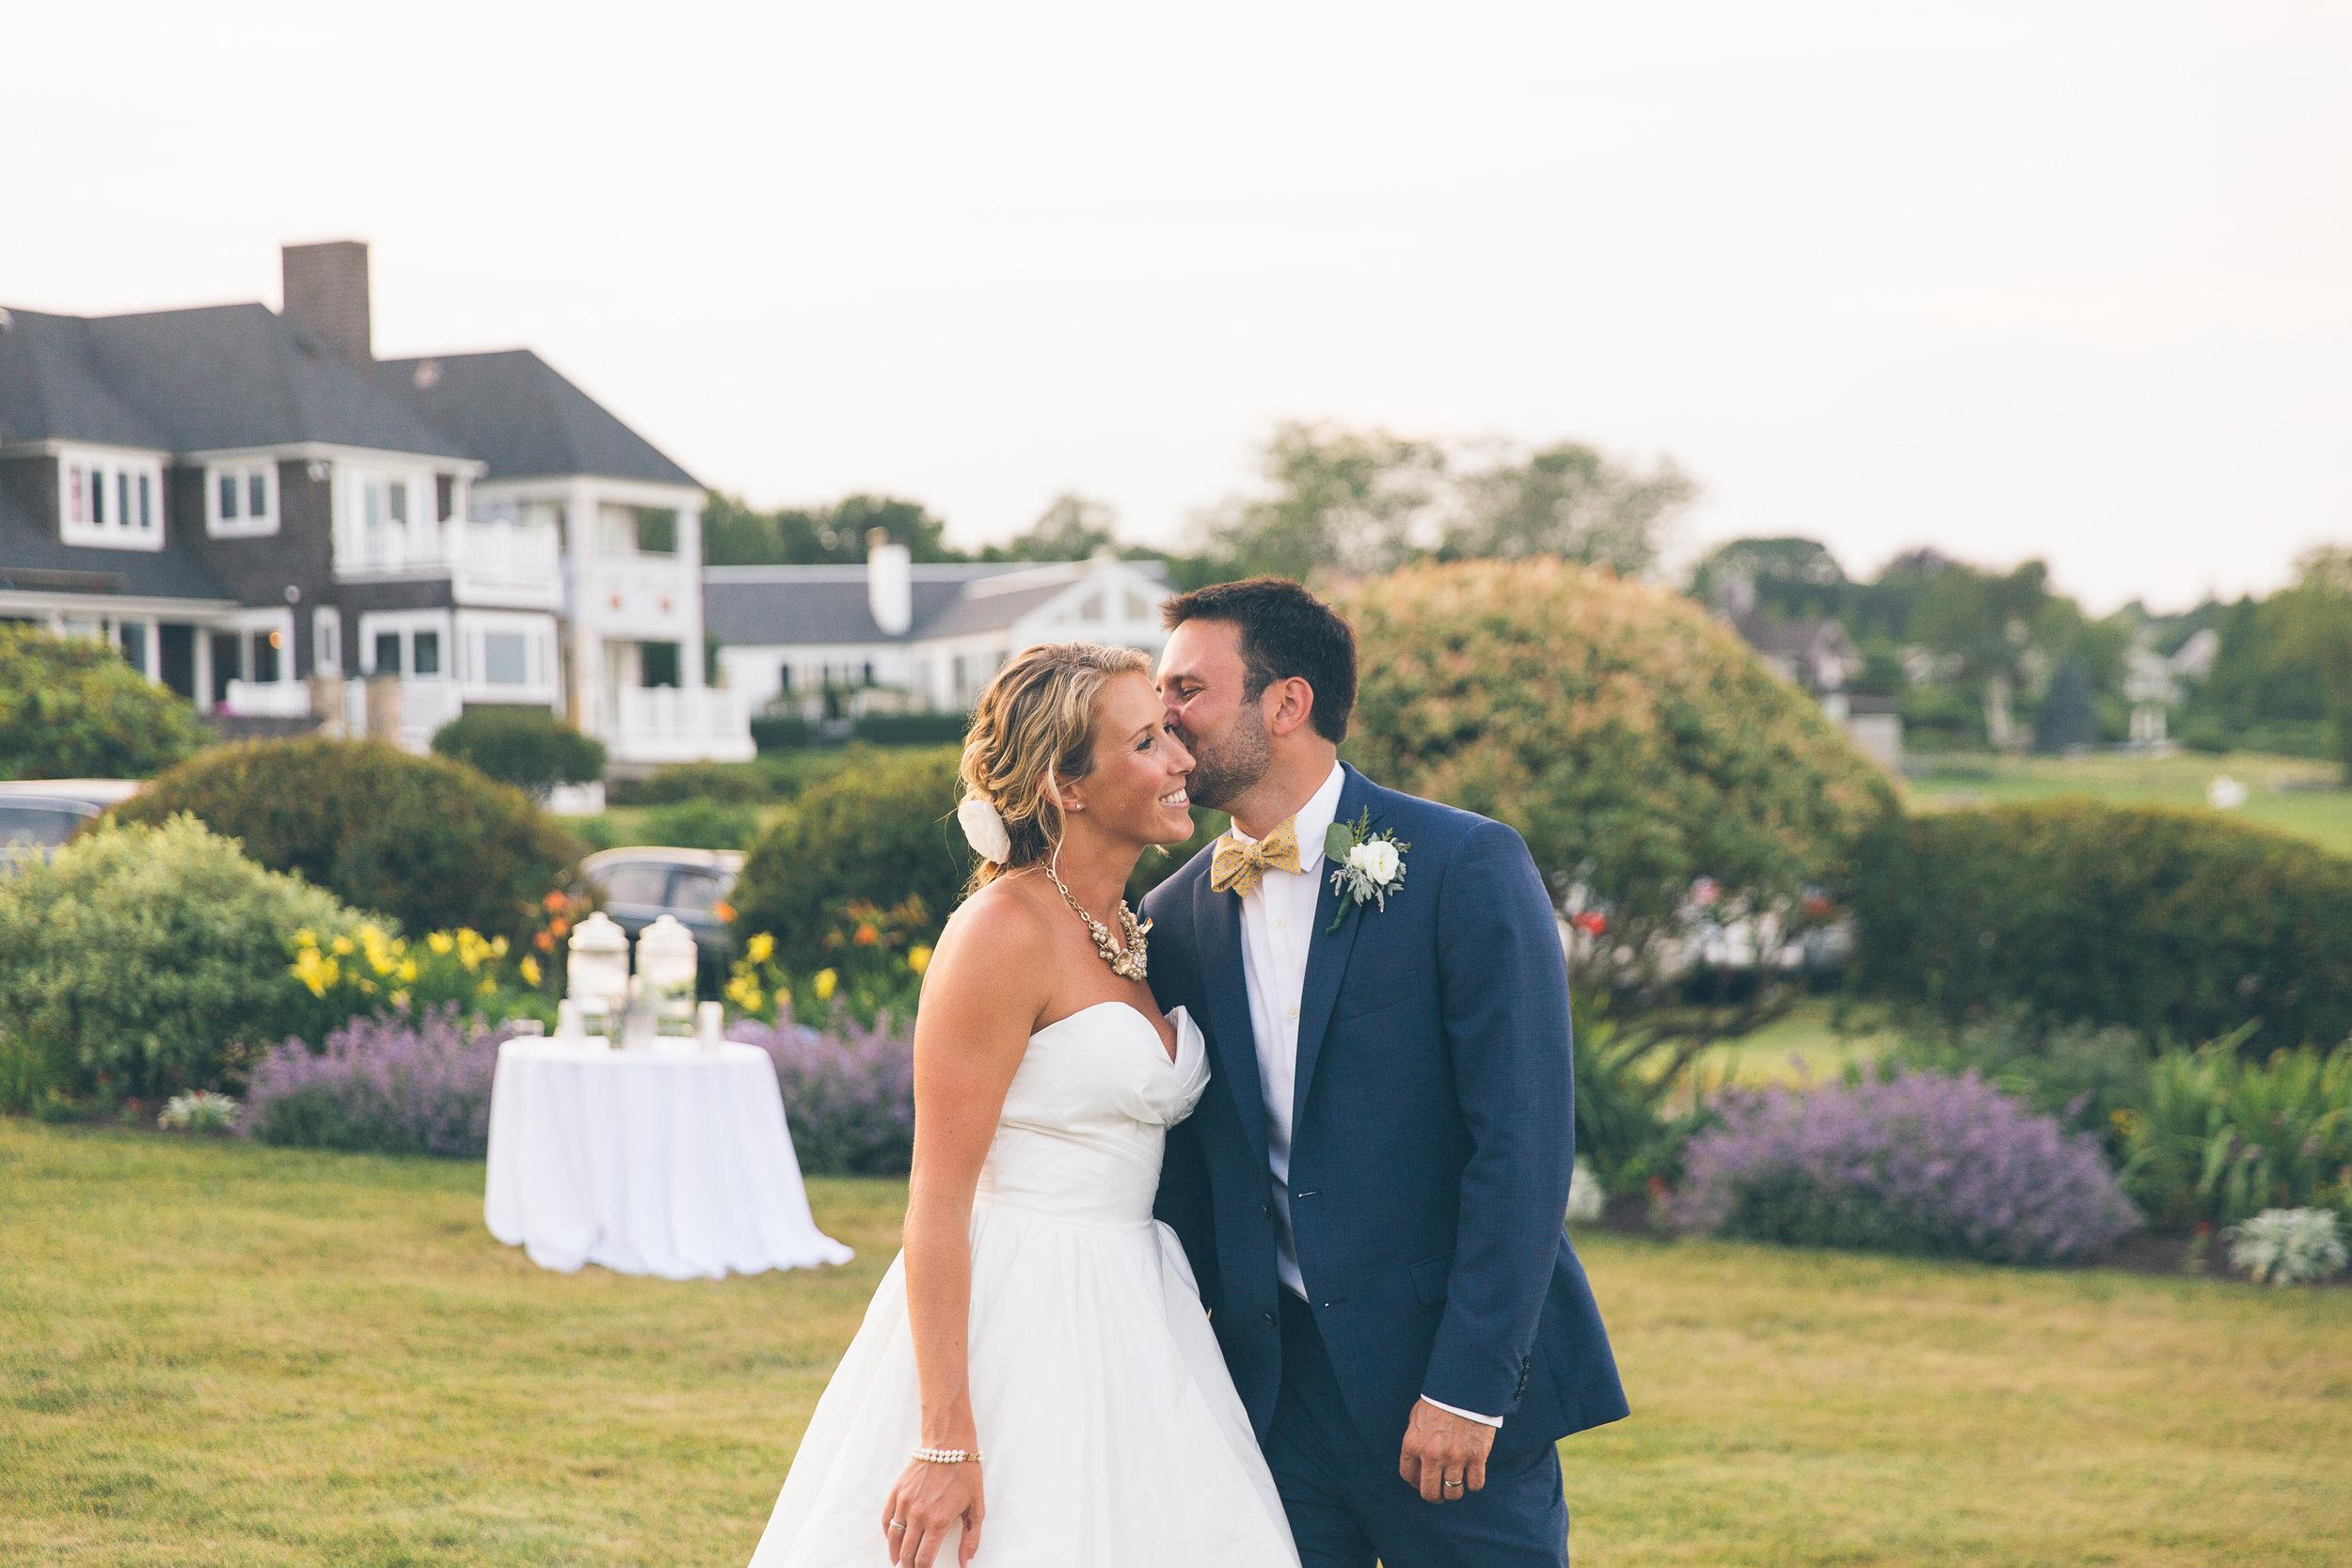 Anthony_and_Stork_Narragansett_Coastal_wedding-793.jpg